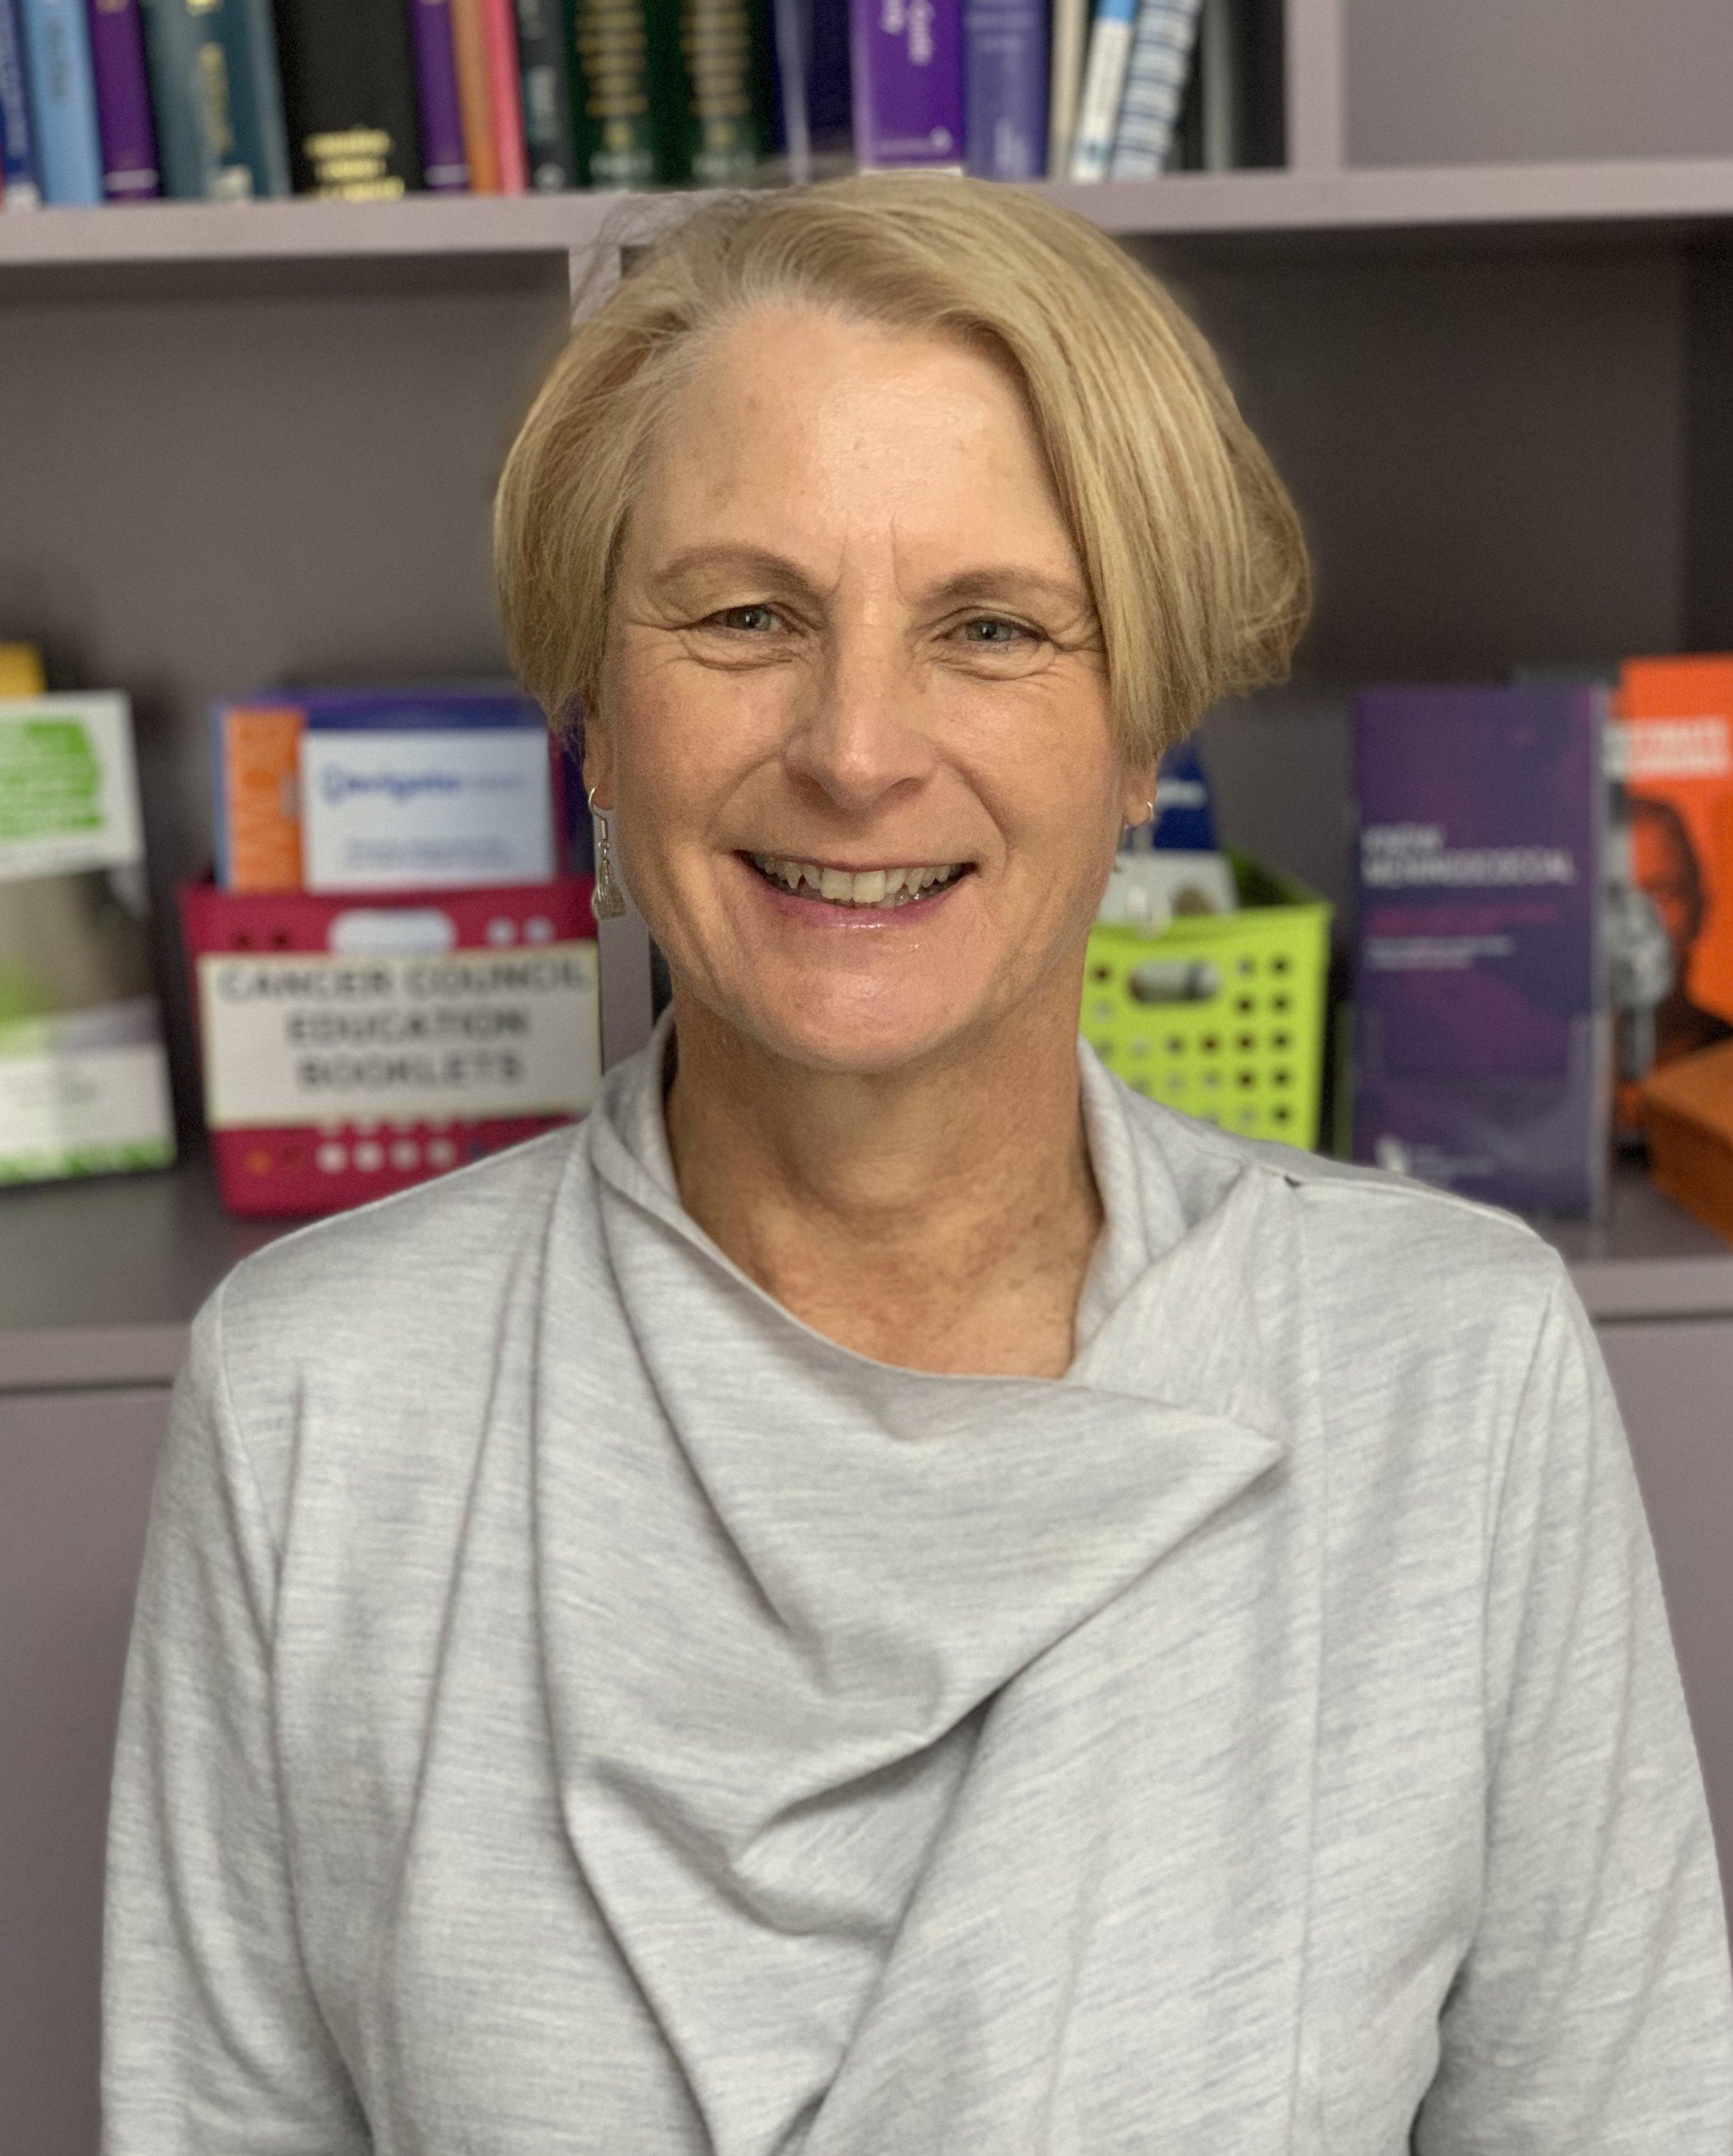 Dr. Robyn Green